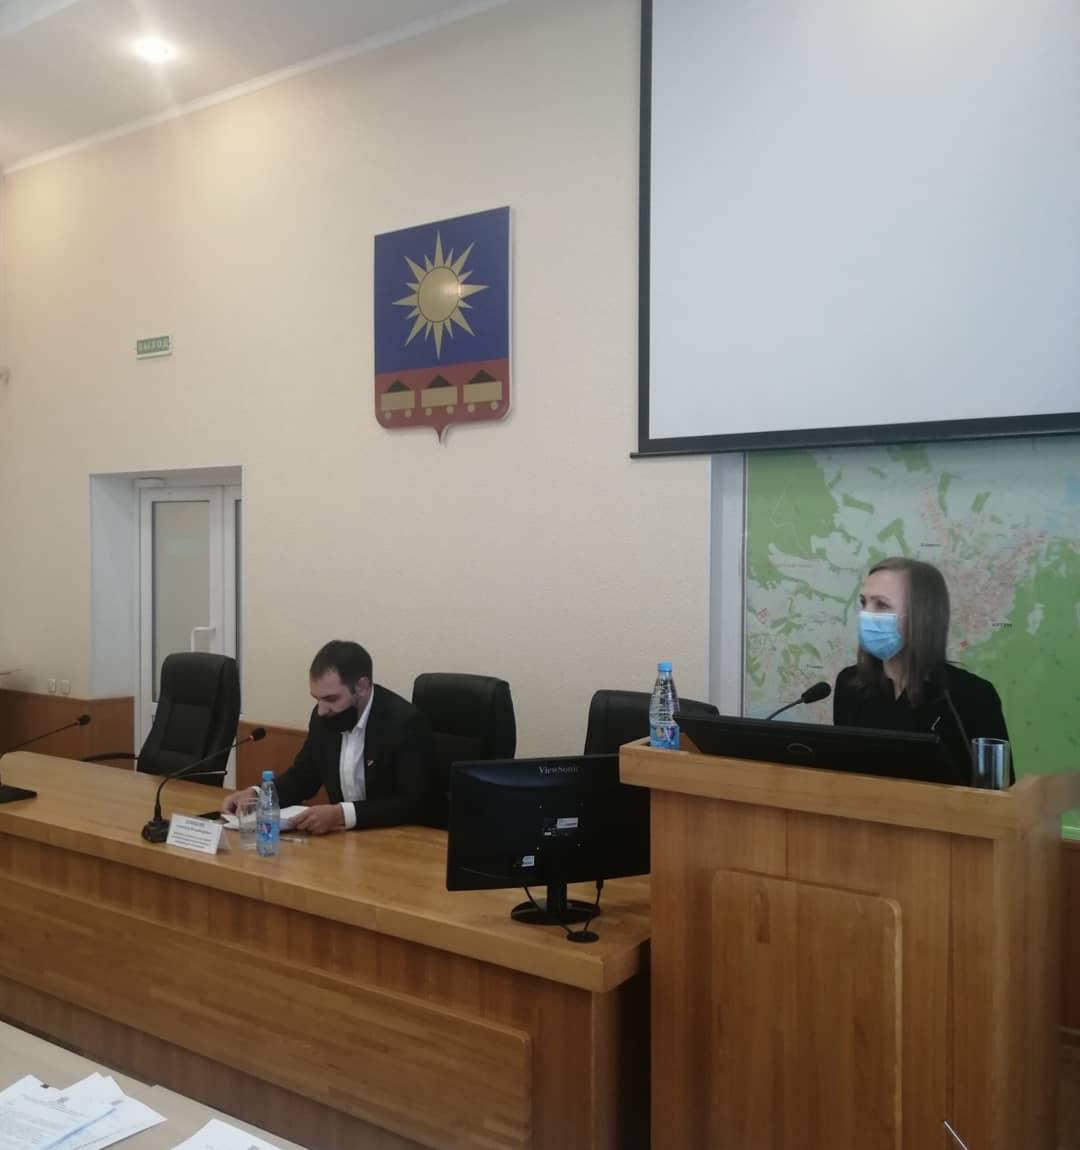 Заседание комиссии Думы АГО по экономической политике и муниципальной собственности состоялось 21 мая